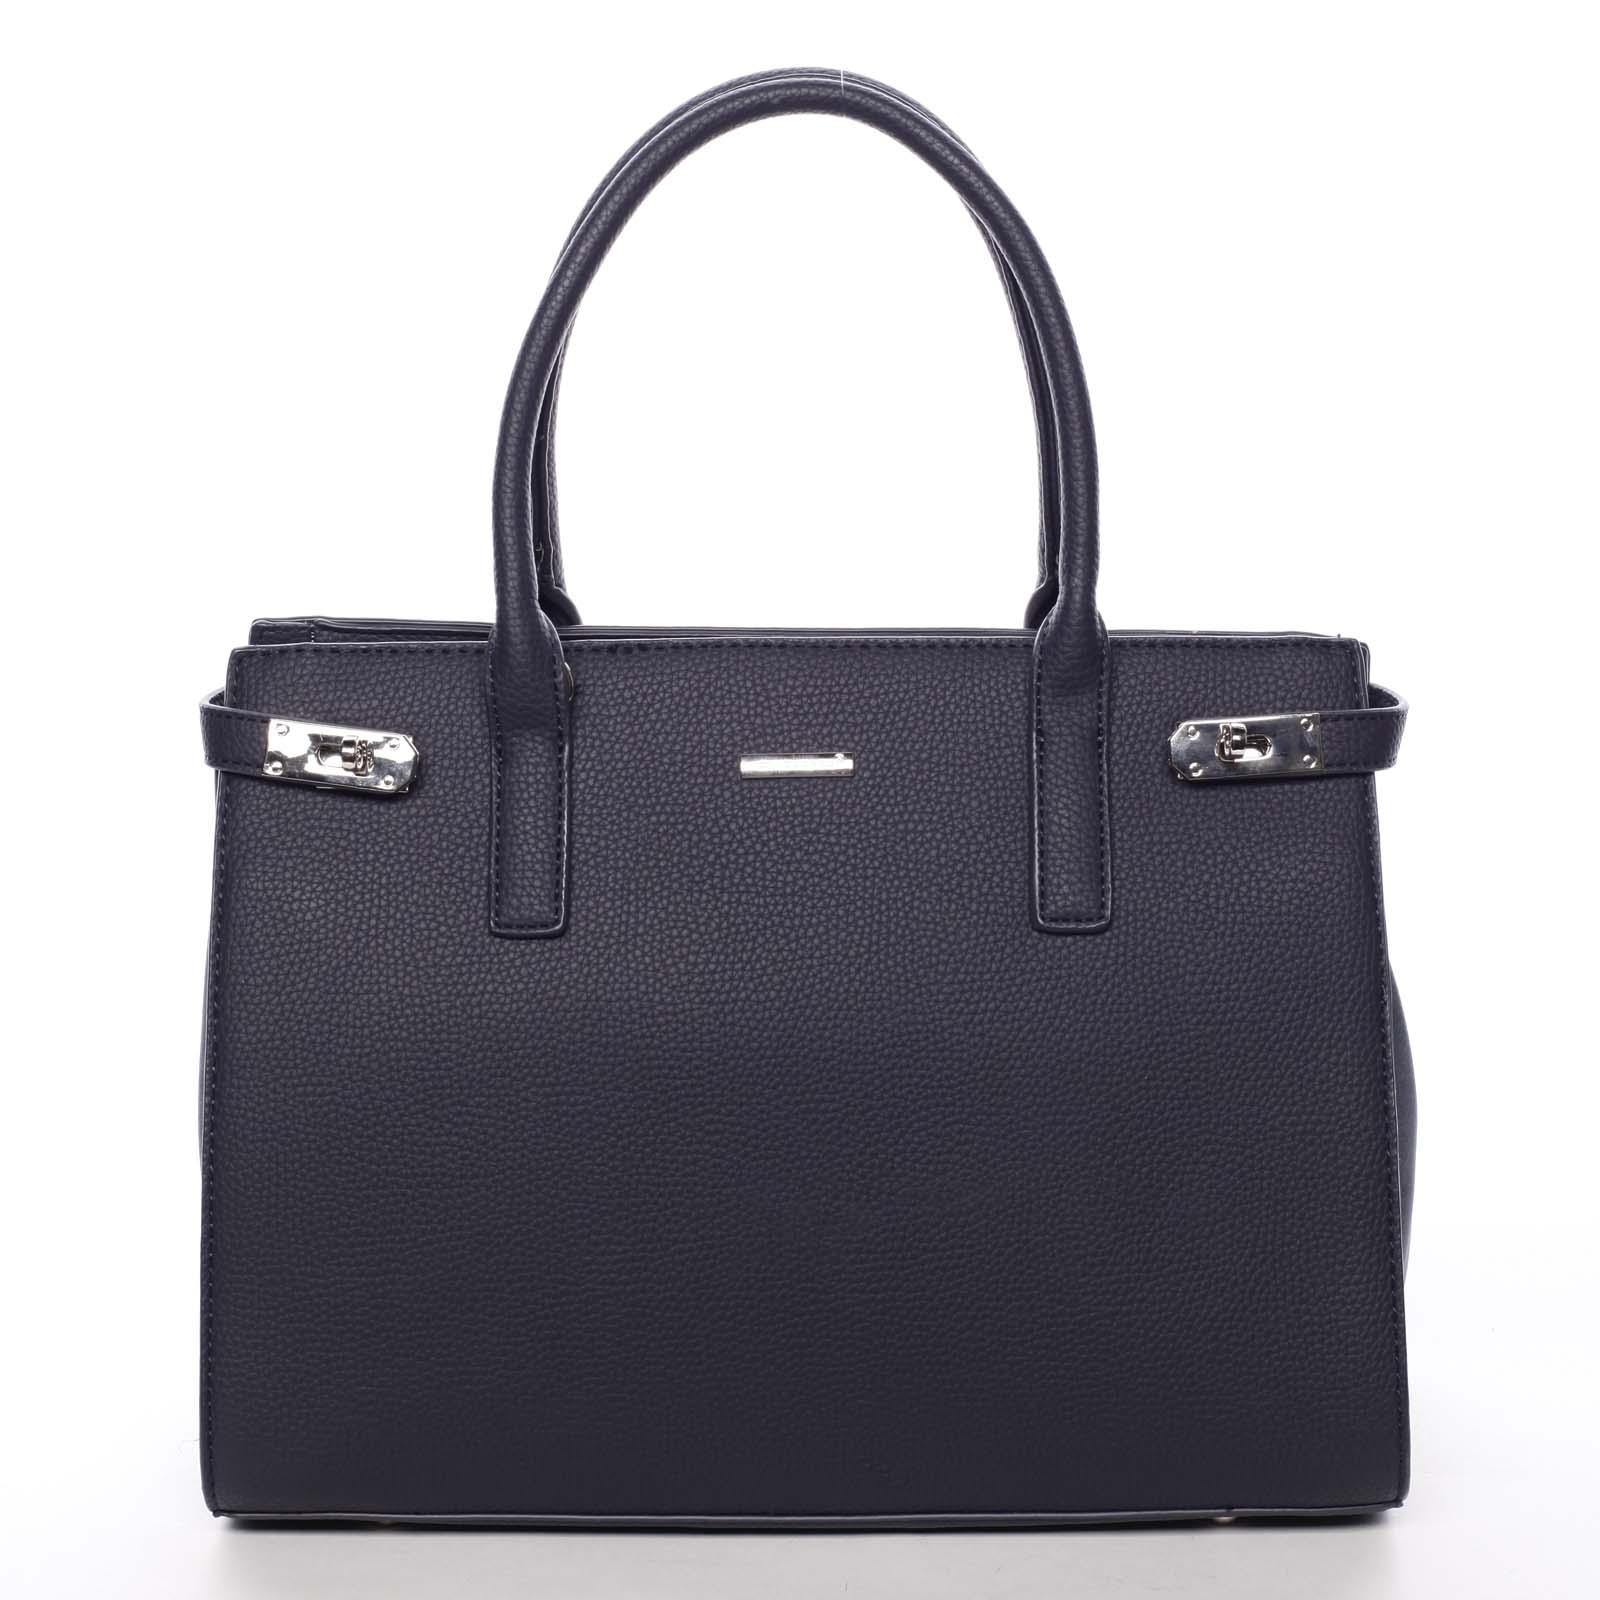 Atraktivní dámská kabelka do ruky tmavě modrá - David Jones Eugenie